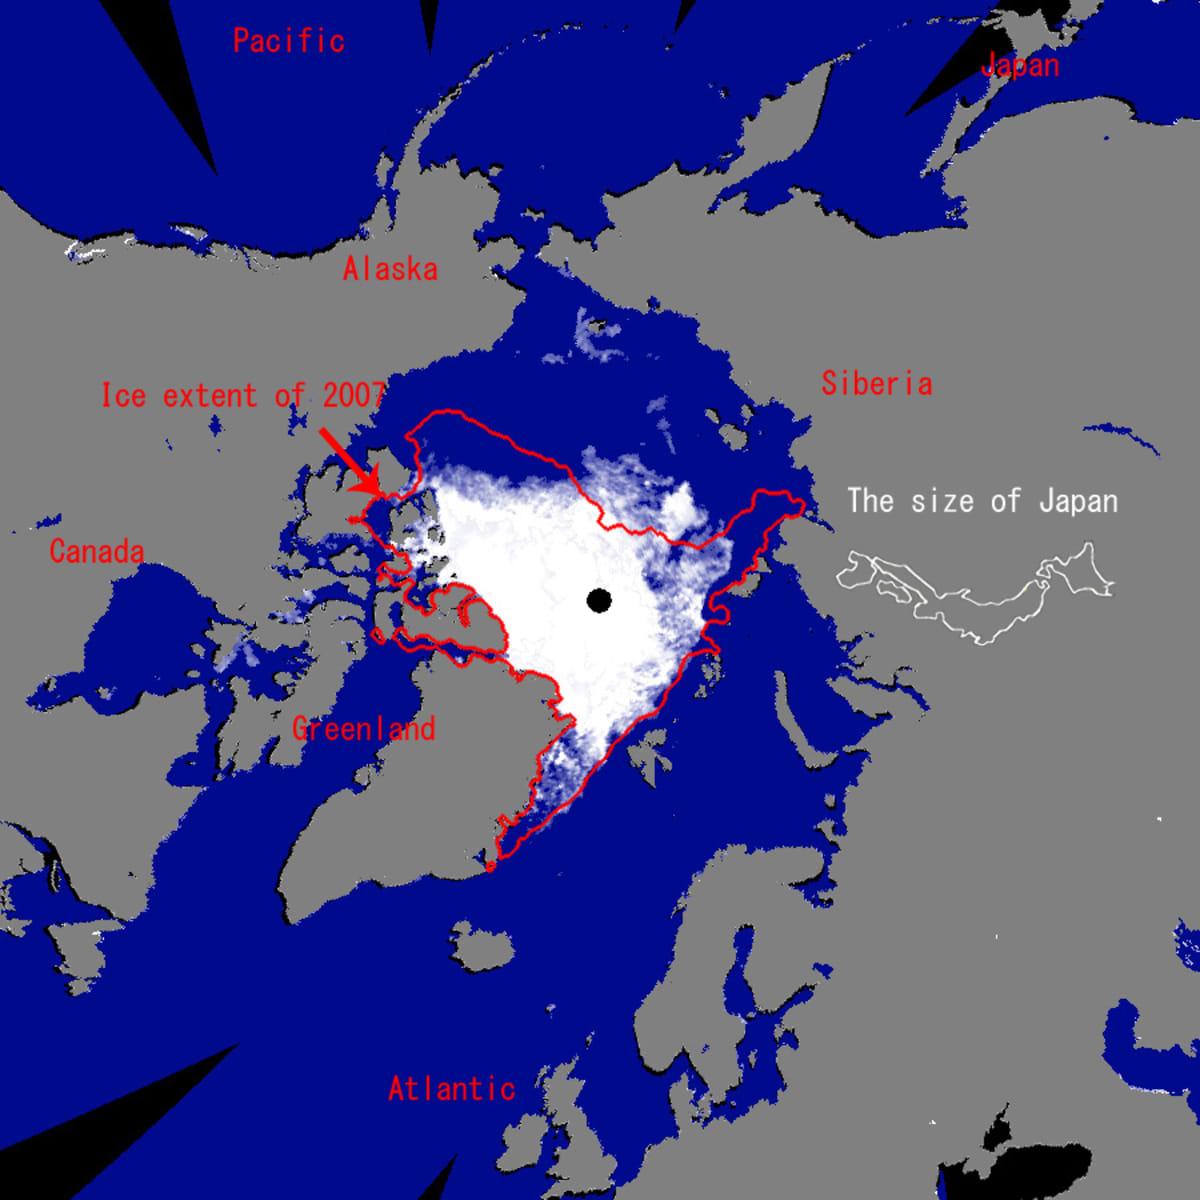 Havainnekuva Pohjoisnavan jääpeitteestä.